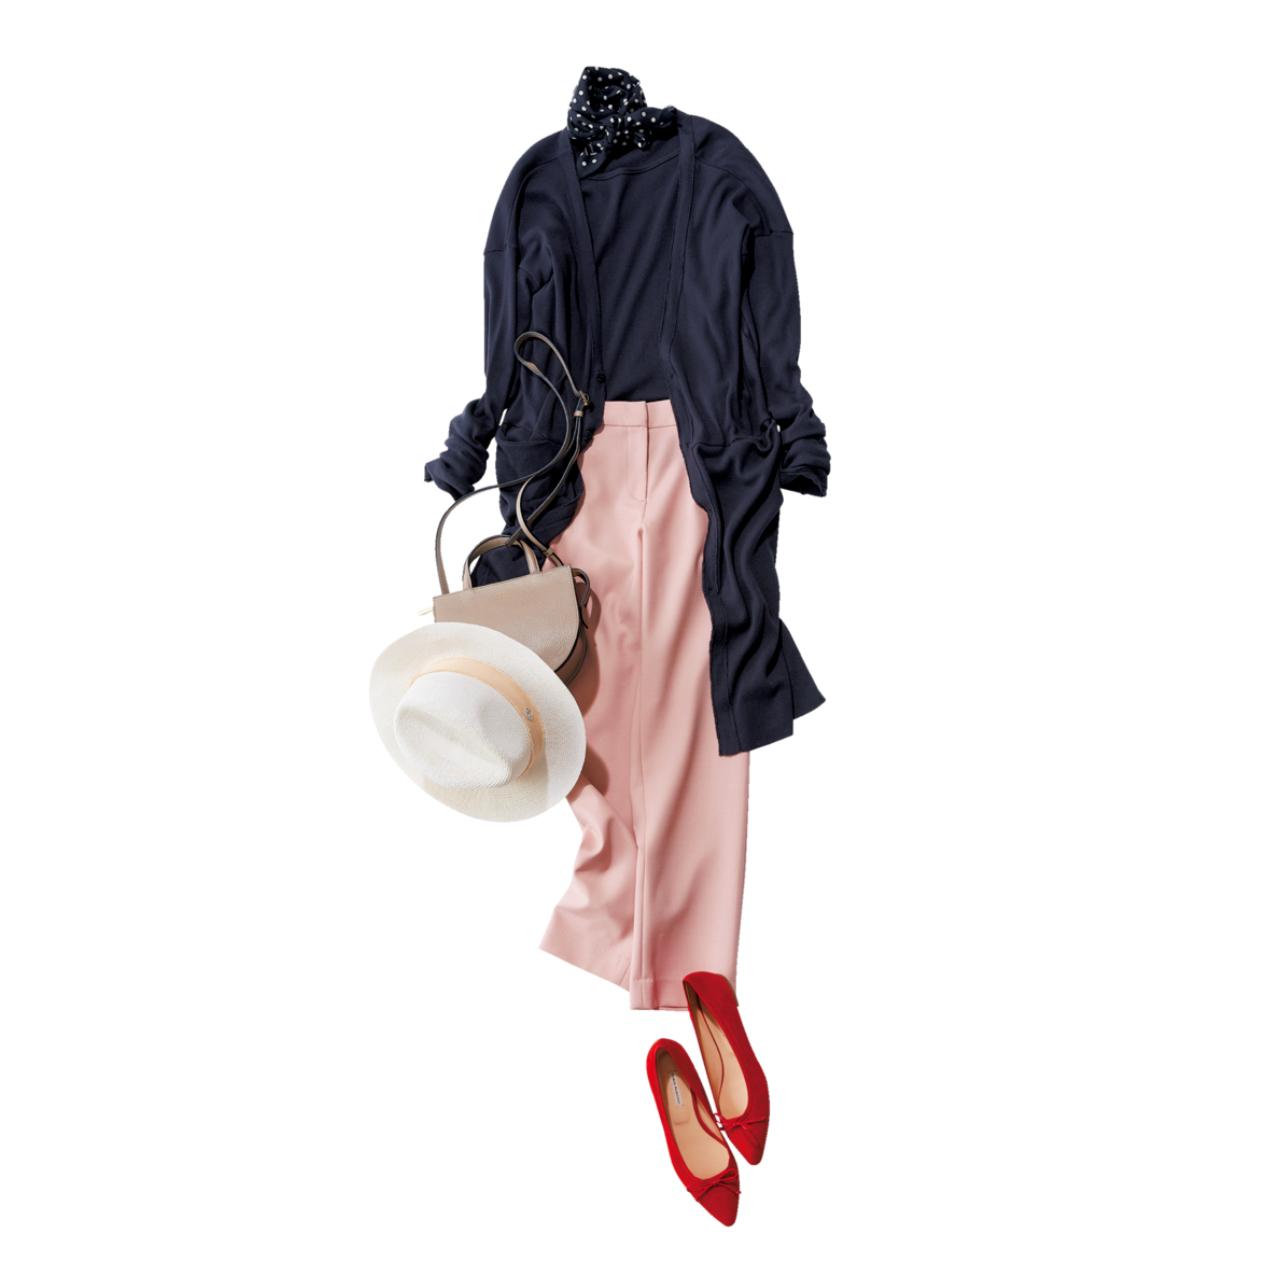 モーヴピンクパンツ×ロングカーディガンのファッションコーデ